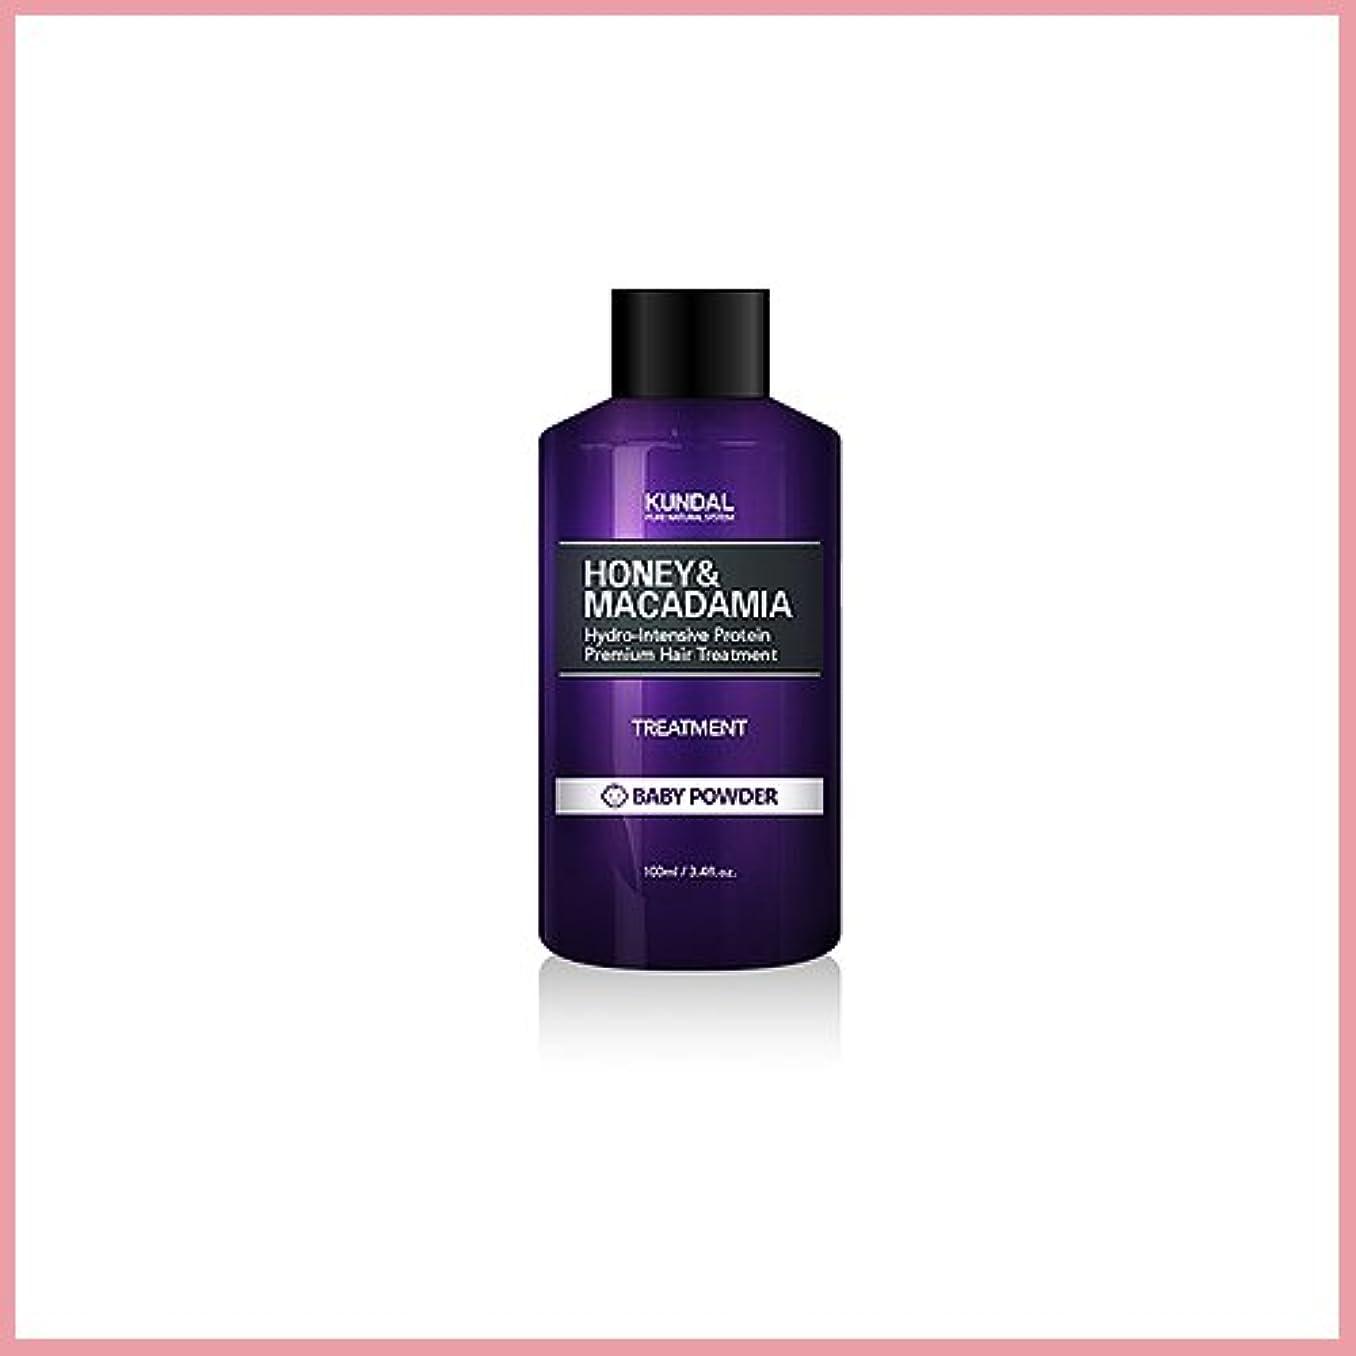 デッドロックマーベル土曜日[KUNDAL/クンダル] Kundal Premium Hair Treatment 100ml [2017年韓国満足度1位][TTBEAUTY][韓国コスメ]